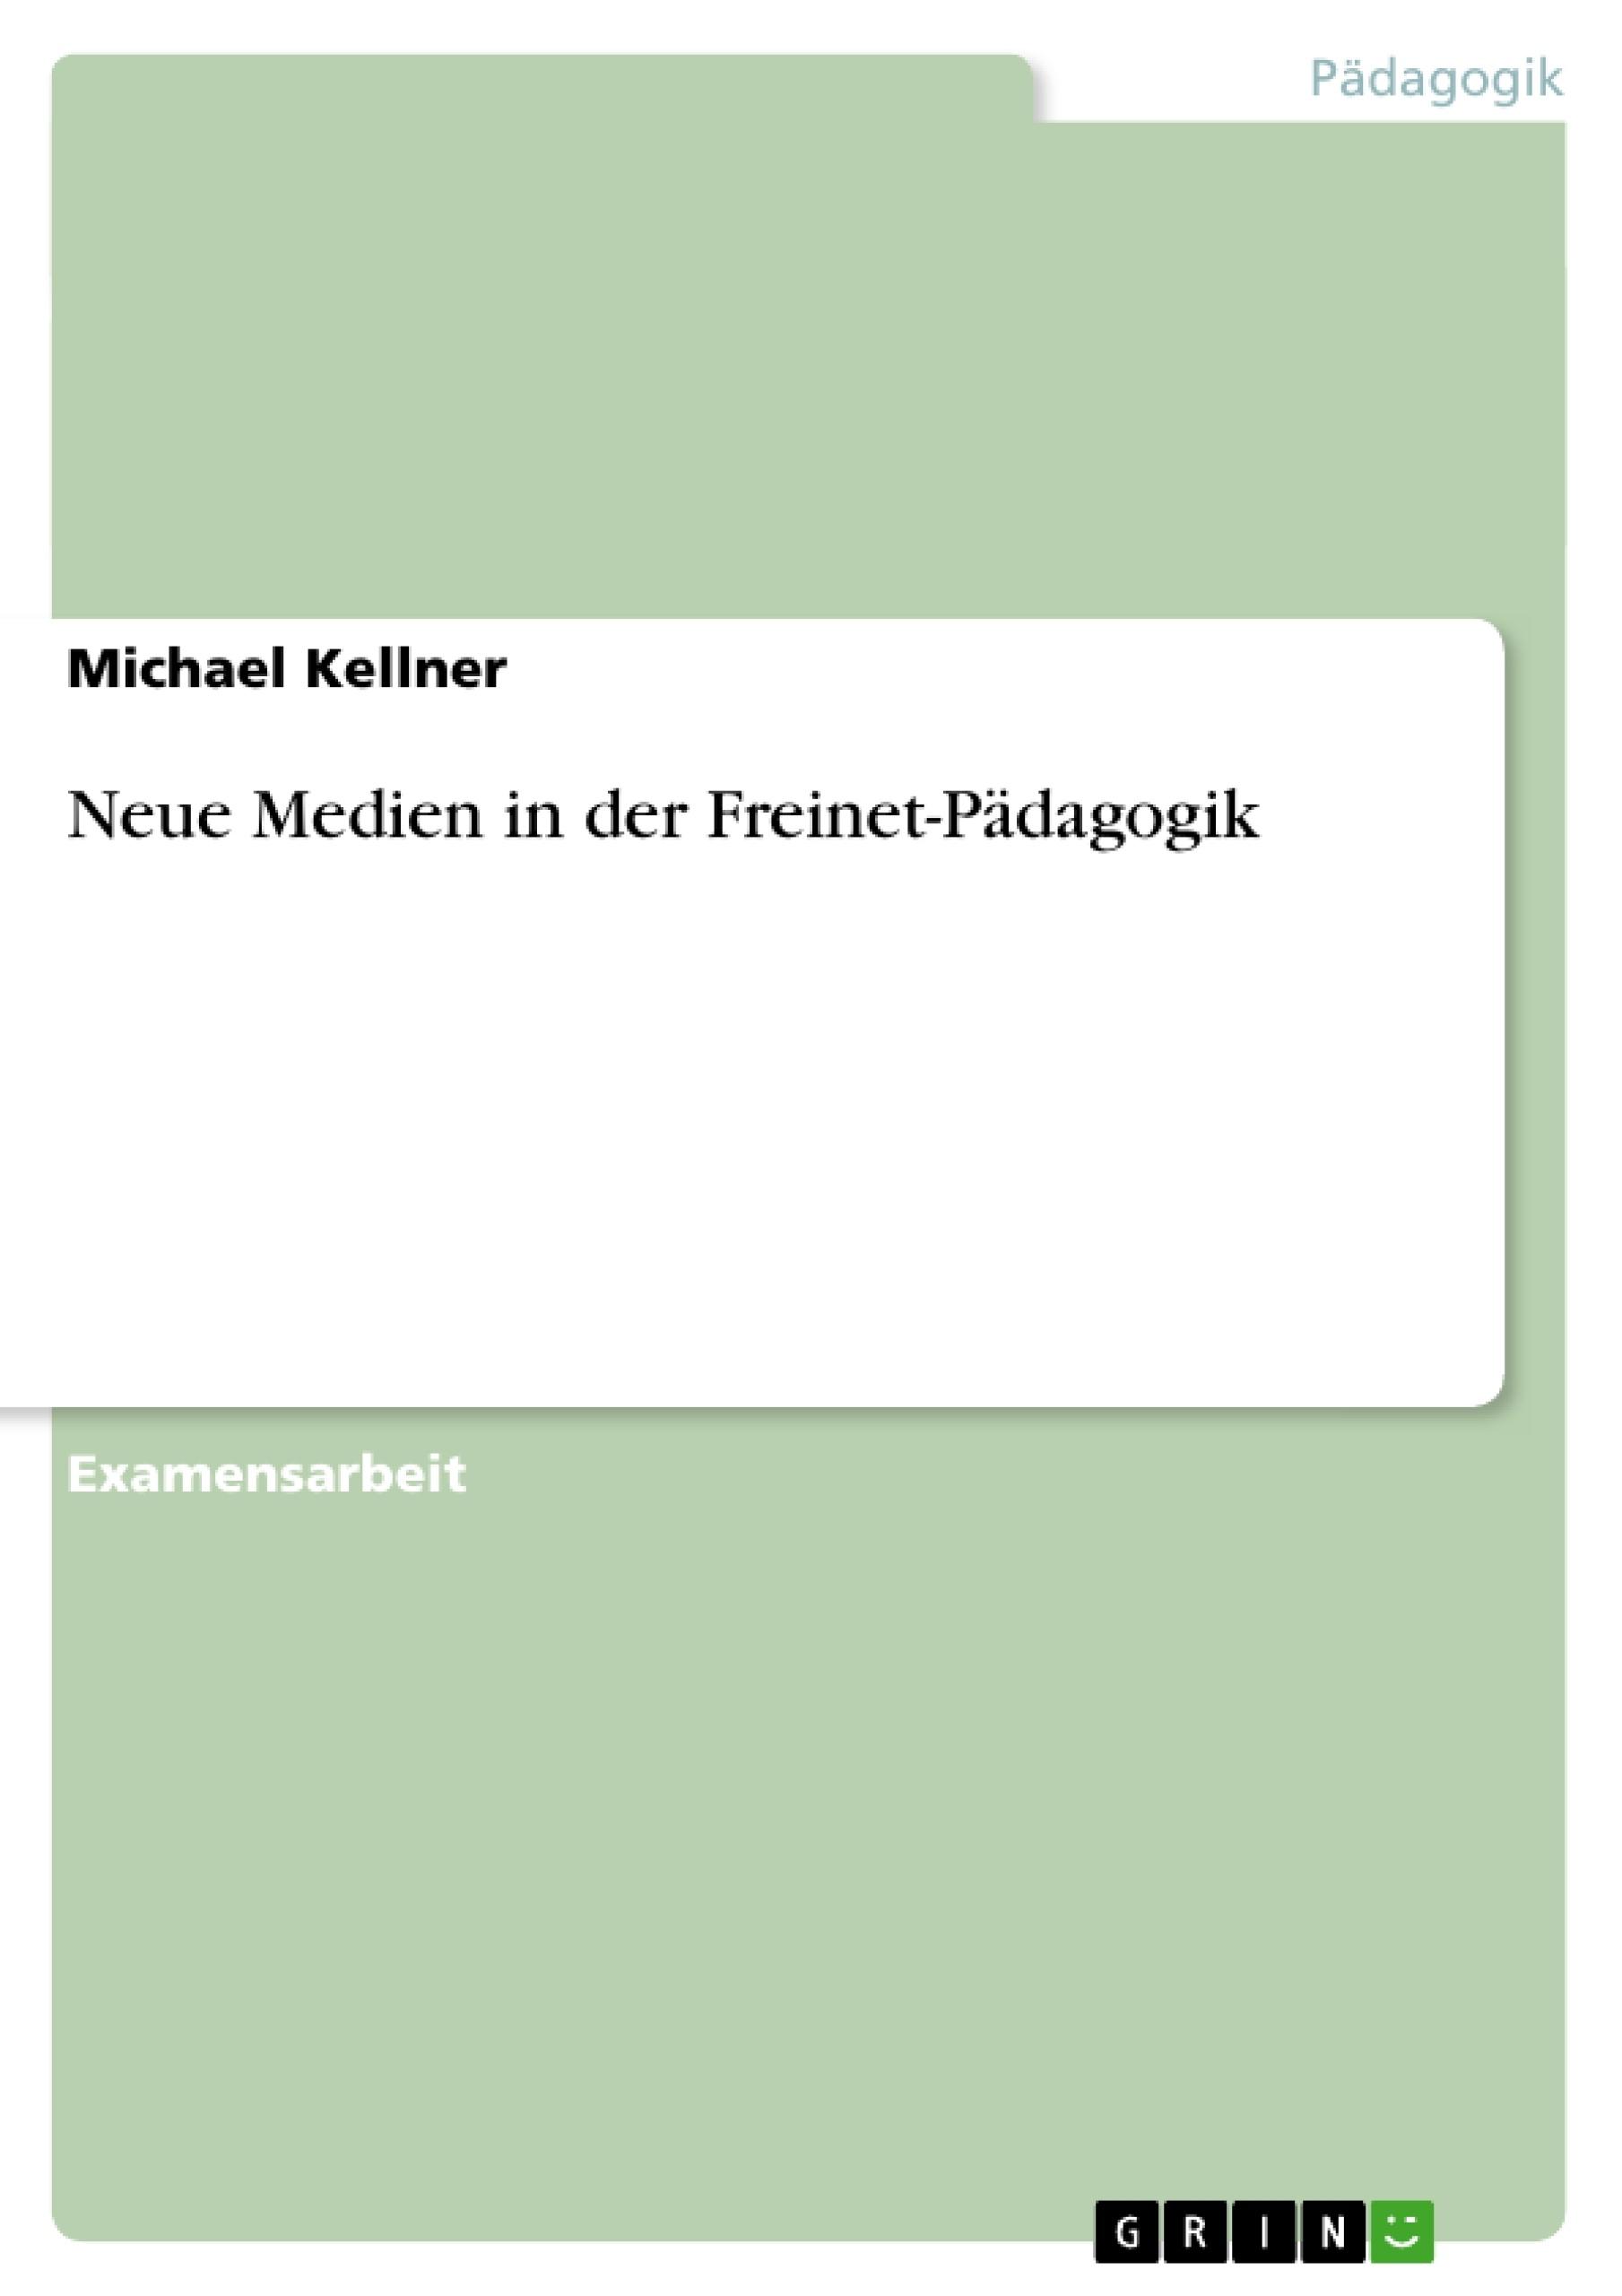 Titel: Neue Medien in der Freinet-Pädagogik